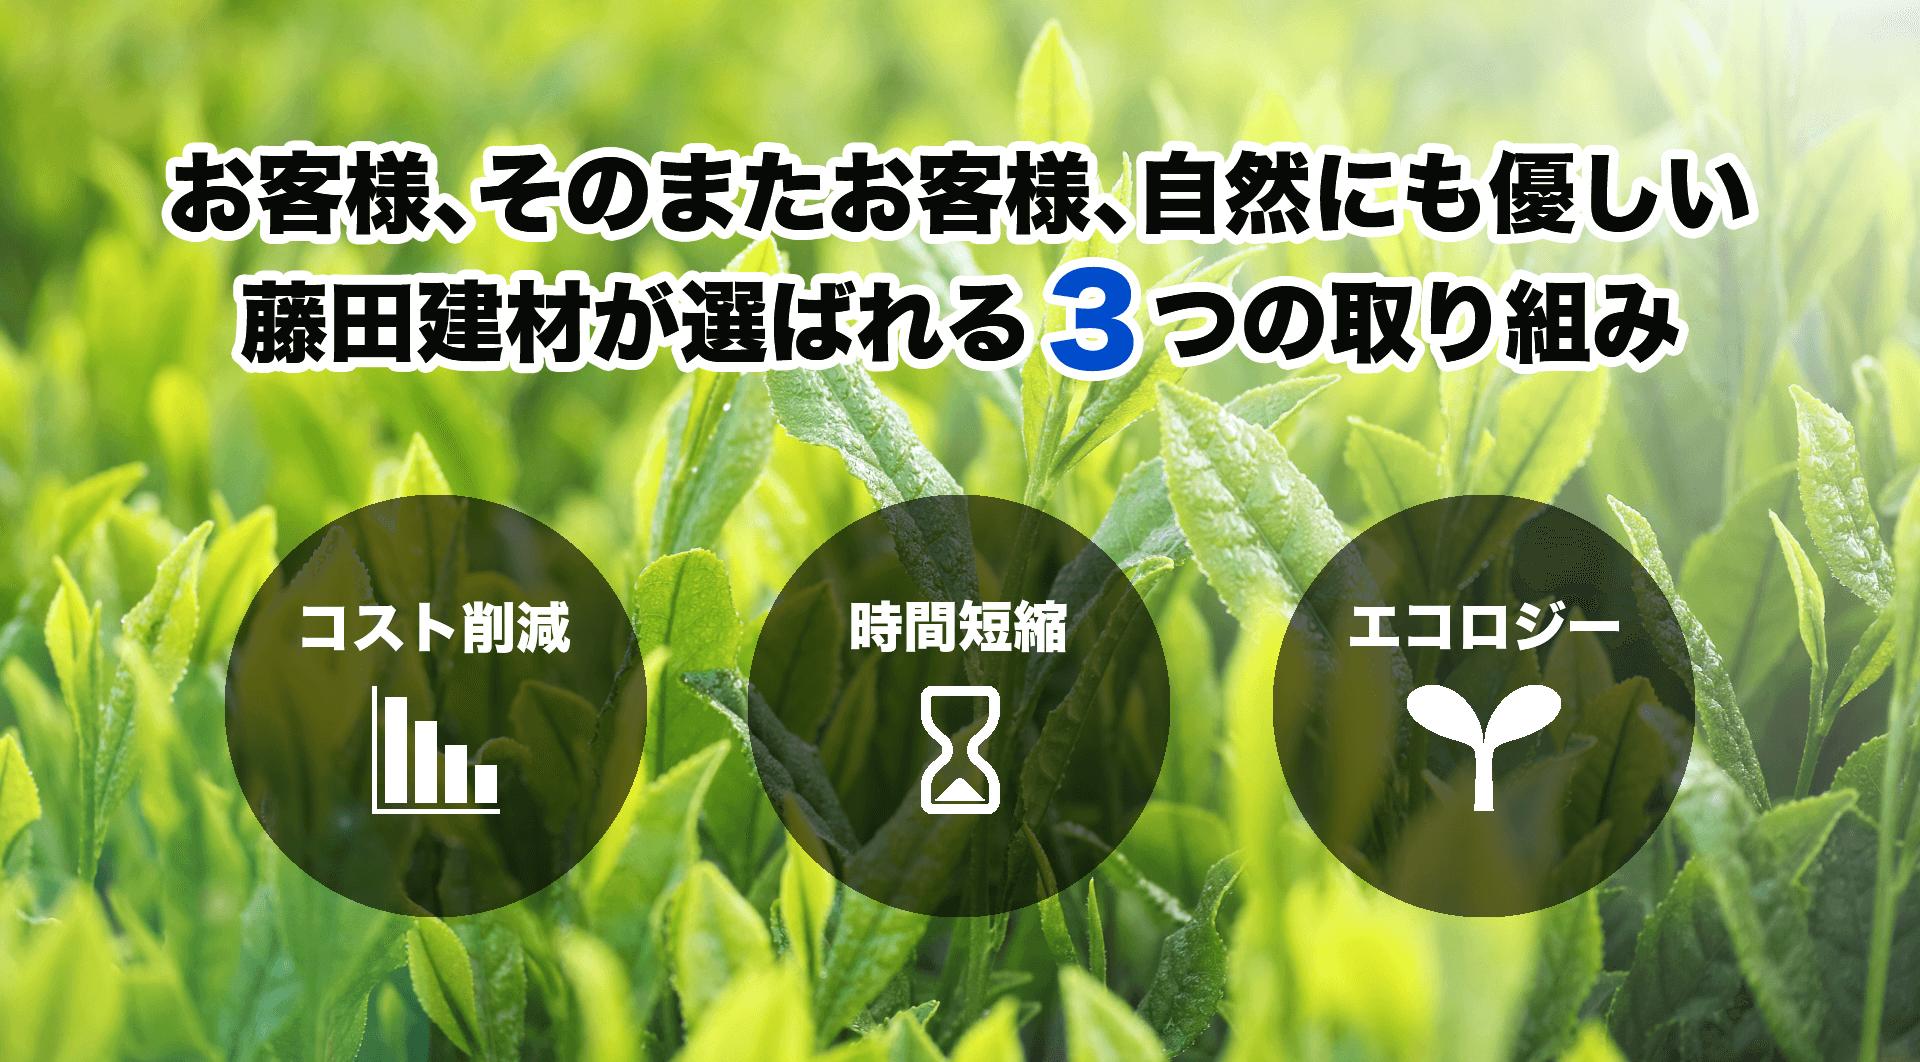 藤田建材が選ばれる3つの取り組み